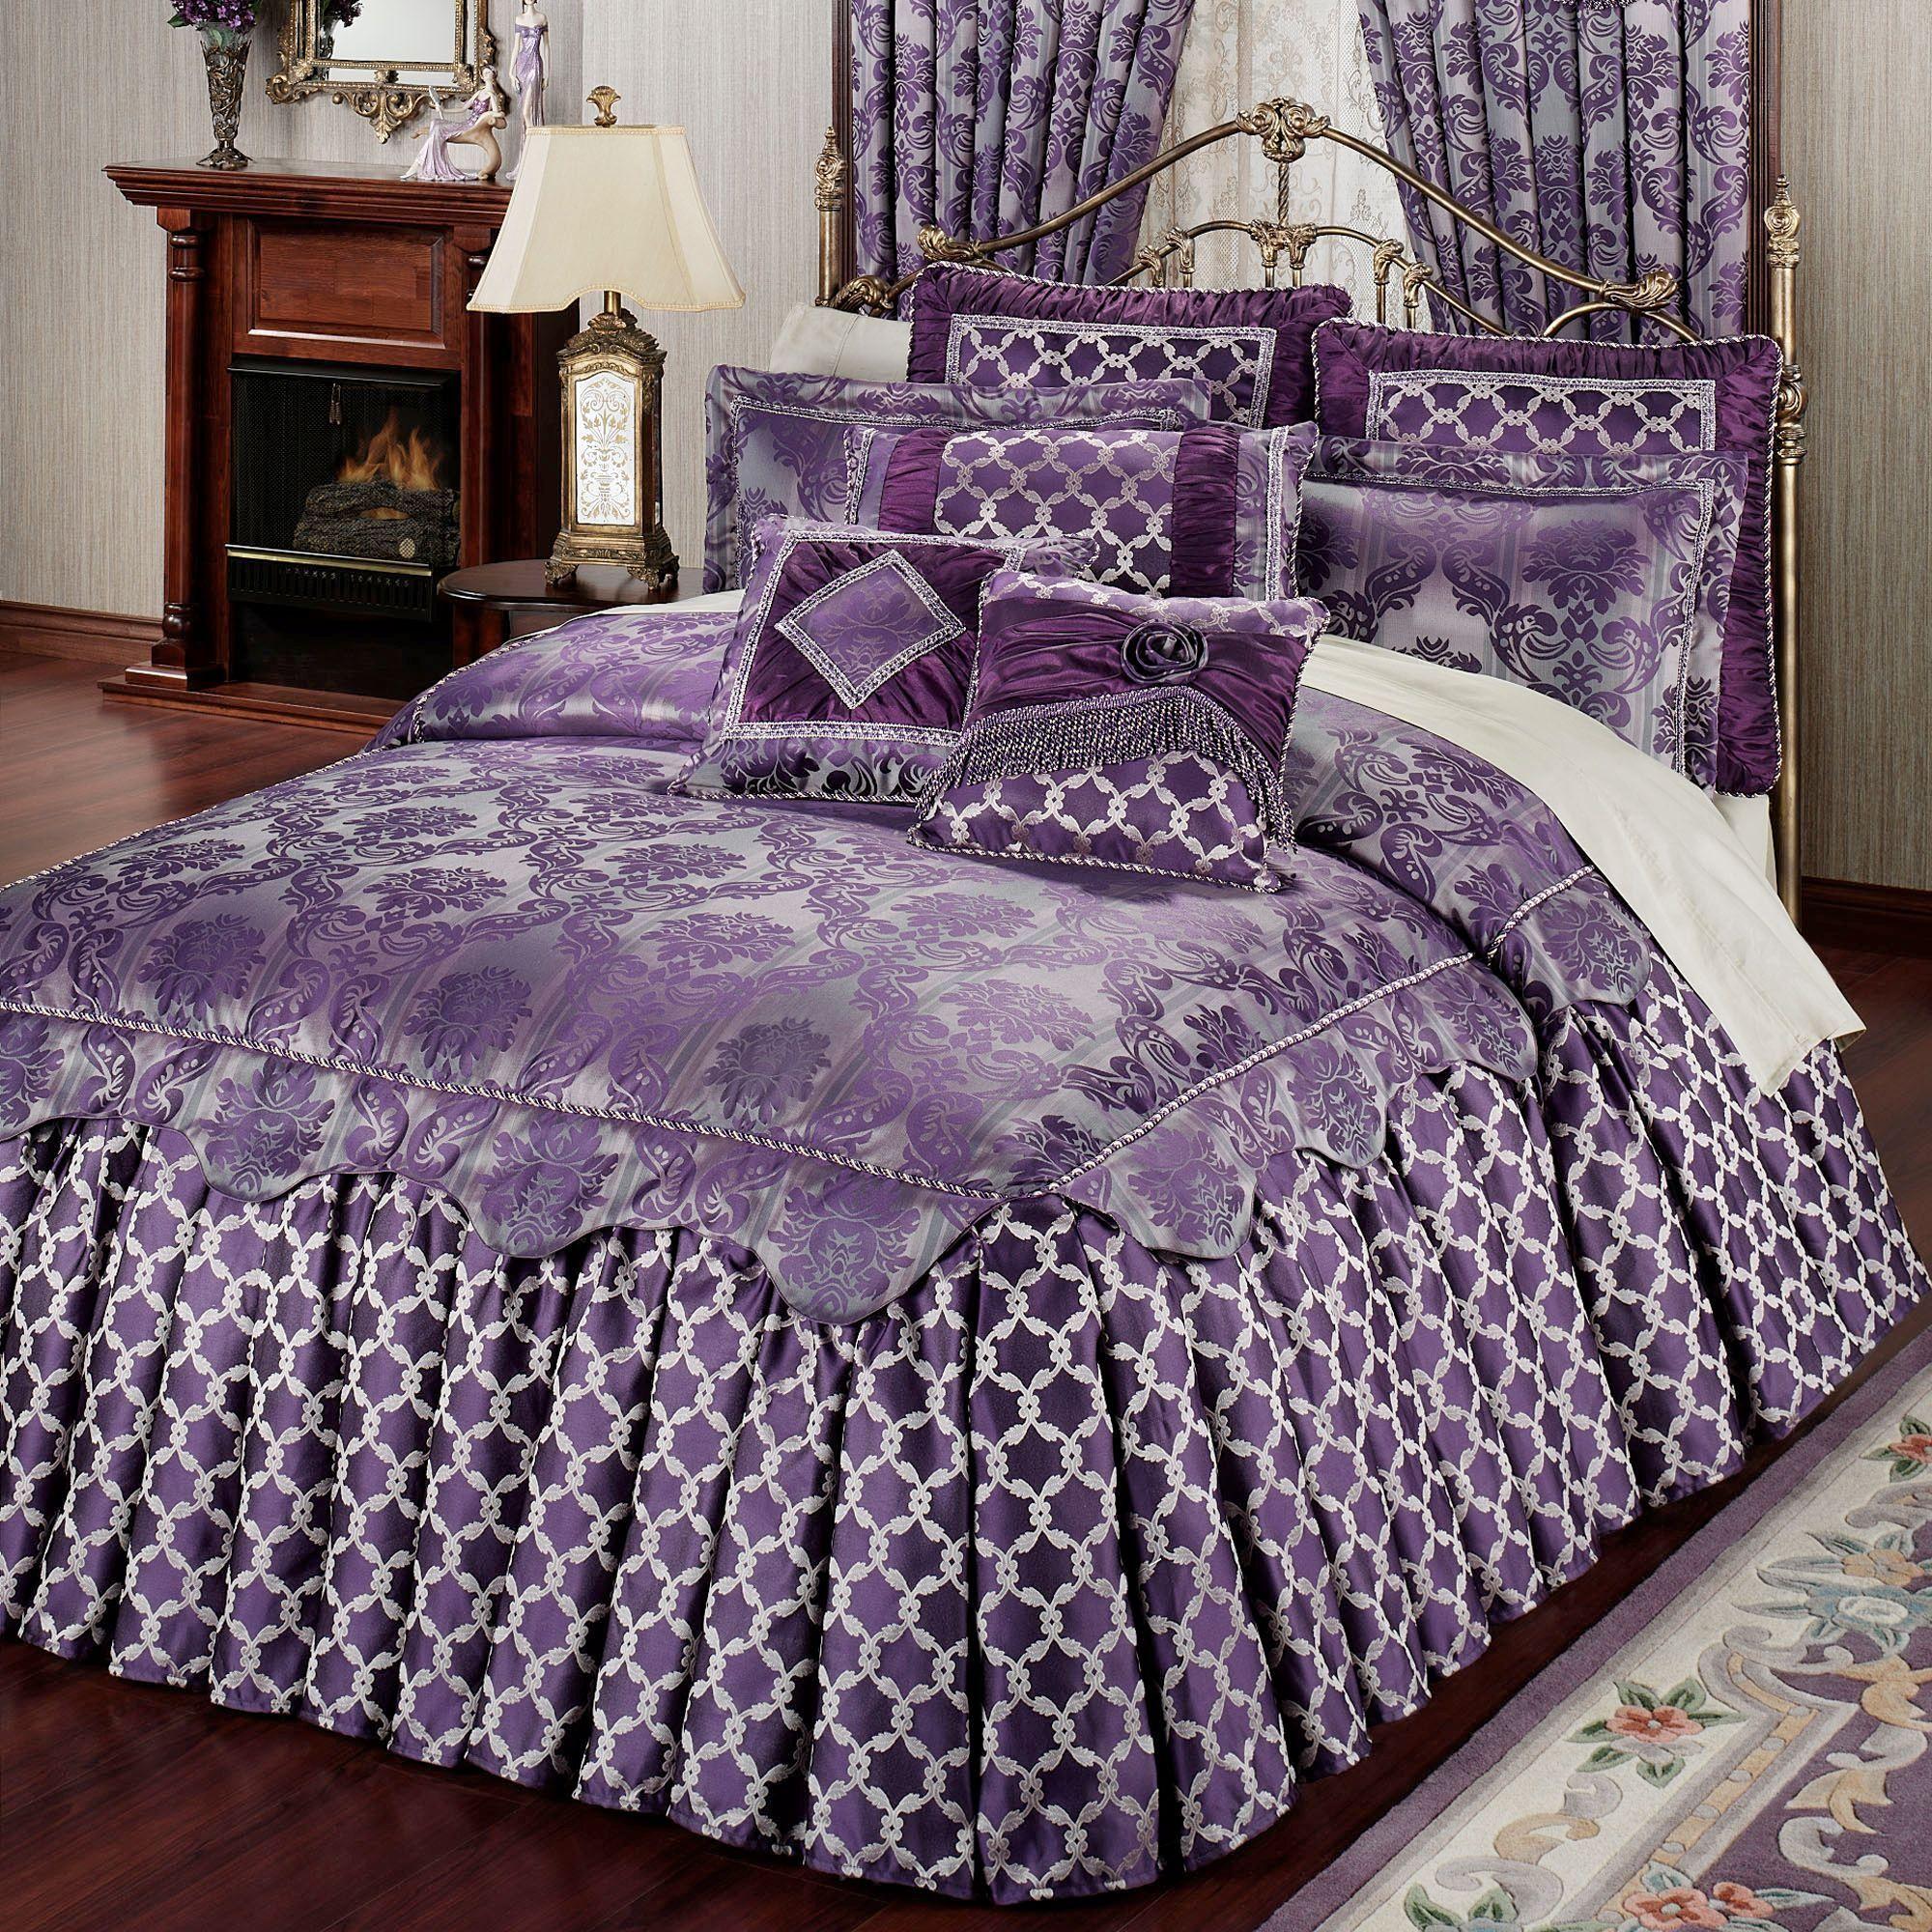 Renaissance Ruffled Flounce Grande Bedspreads